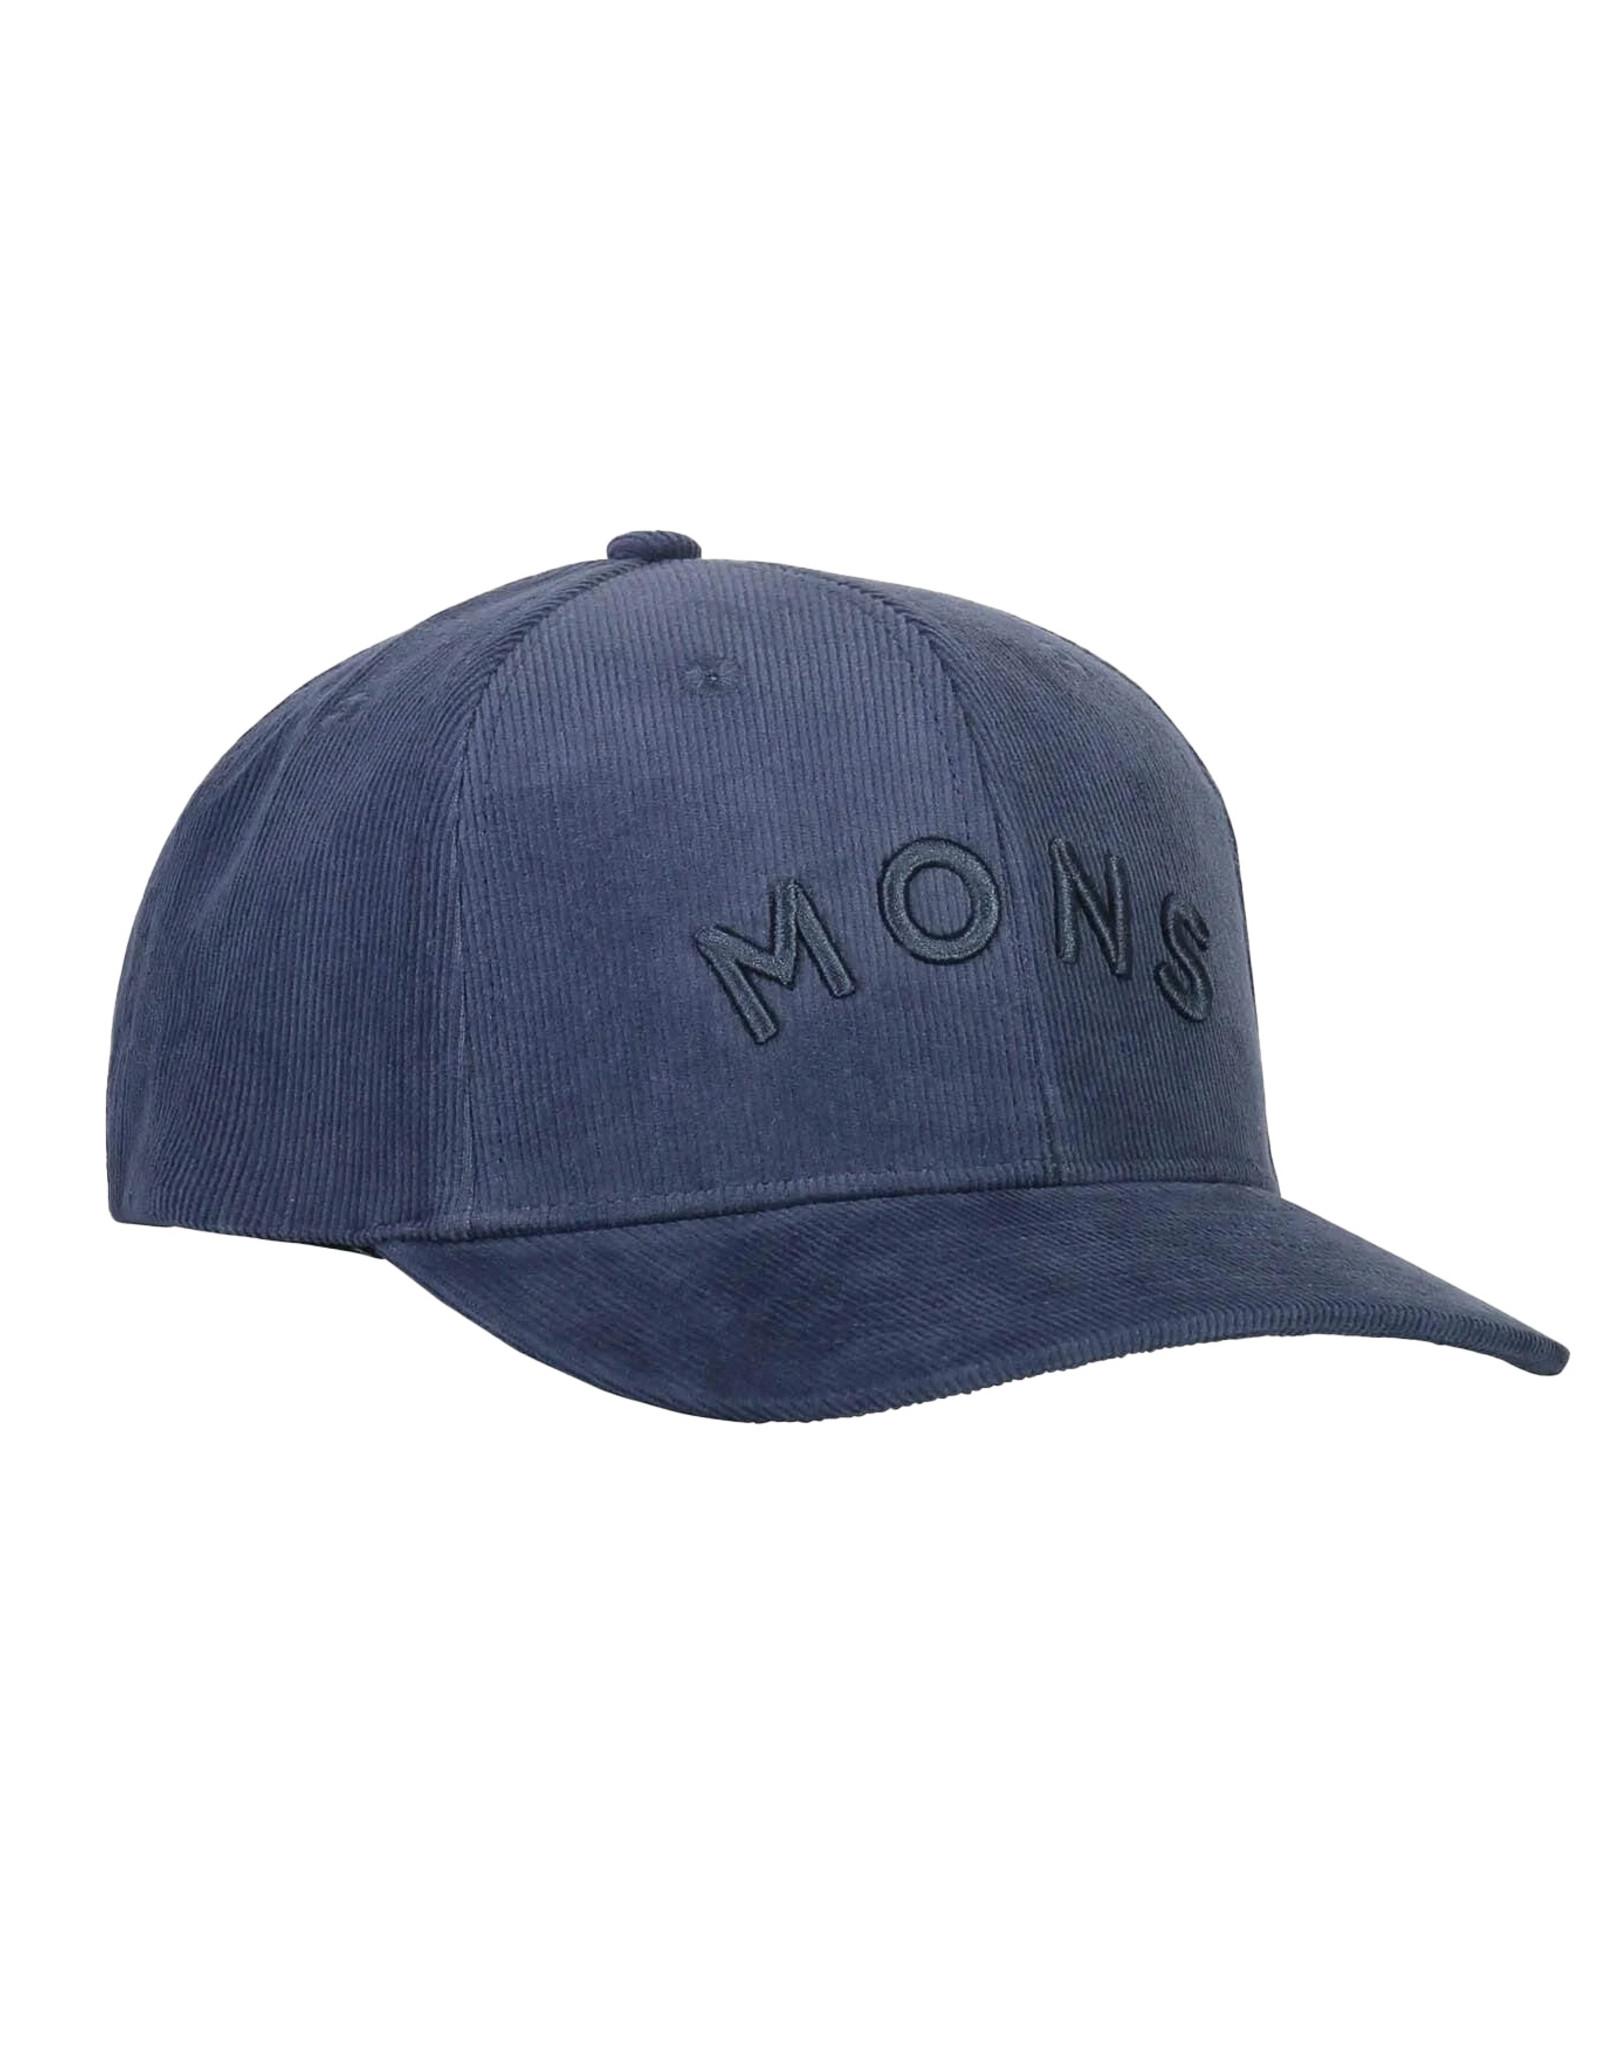 Mons Royale BF Corduroy Ballcap Mons Royale